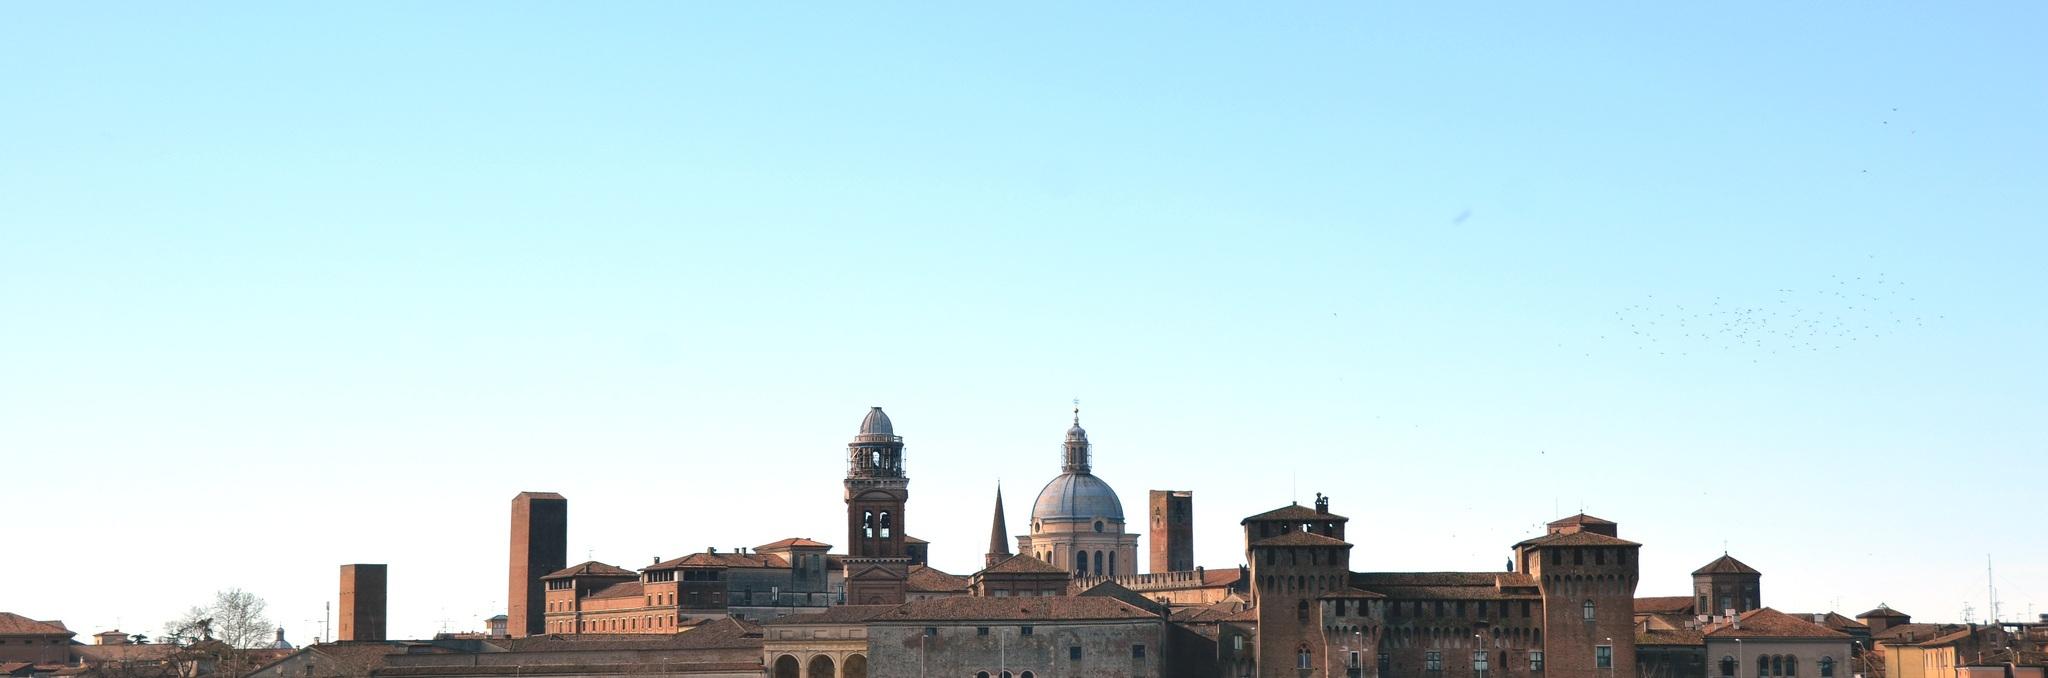 Tappa N.1 : da Mantova a San Benedetto Po (26.4 KM)